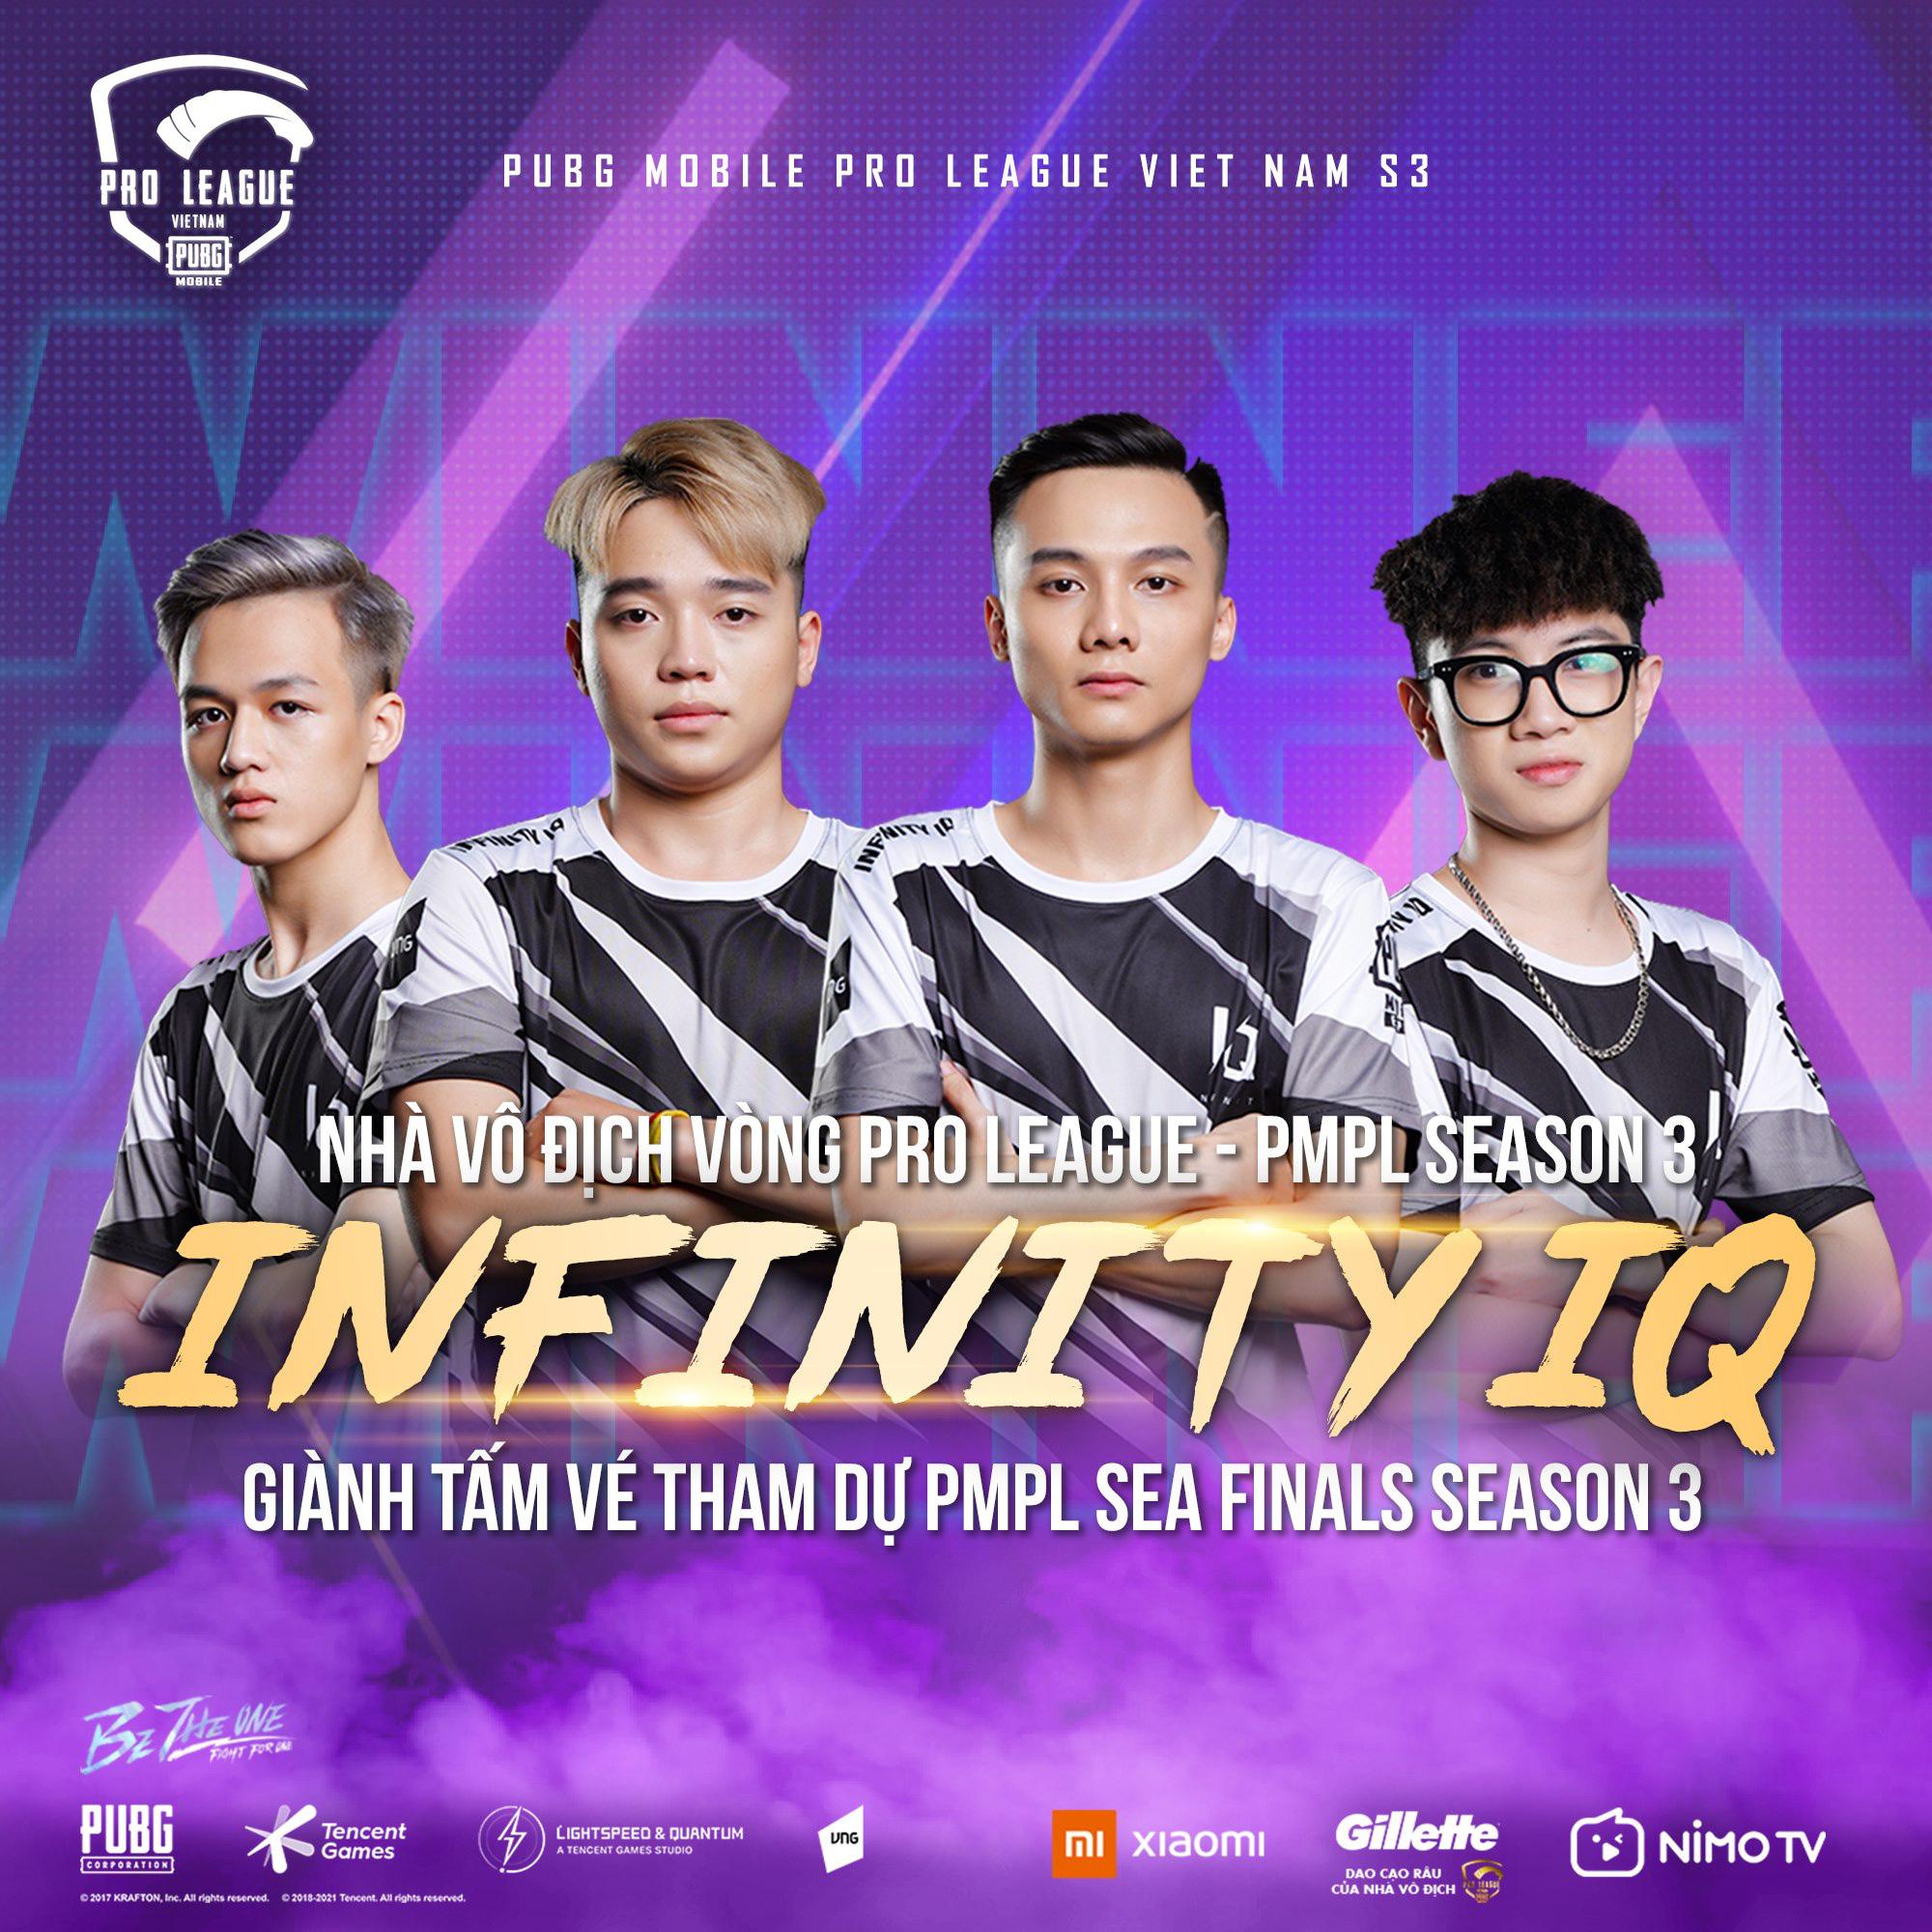 Infinity IQ thống trị vòng Pro League của PMPL VN S3 - Ảnh 1.